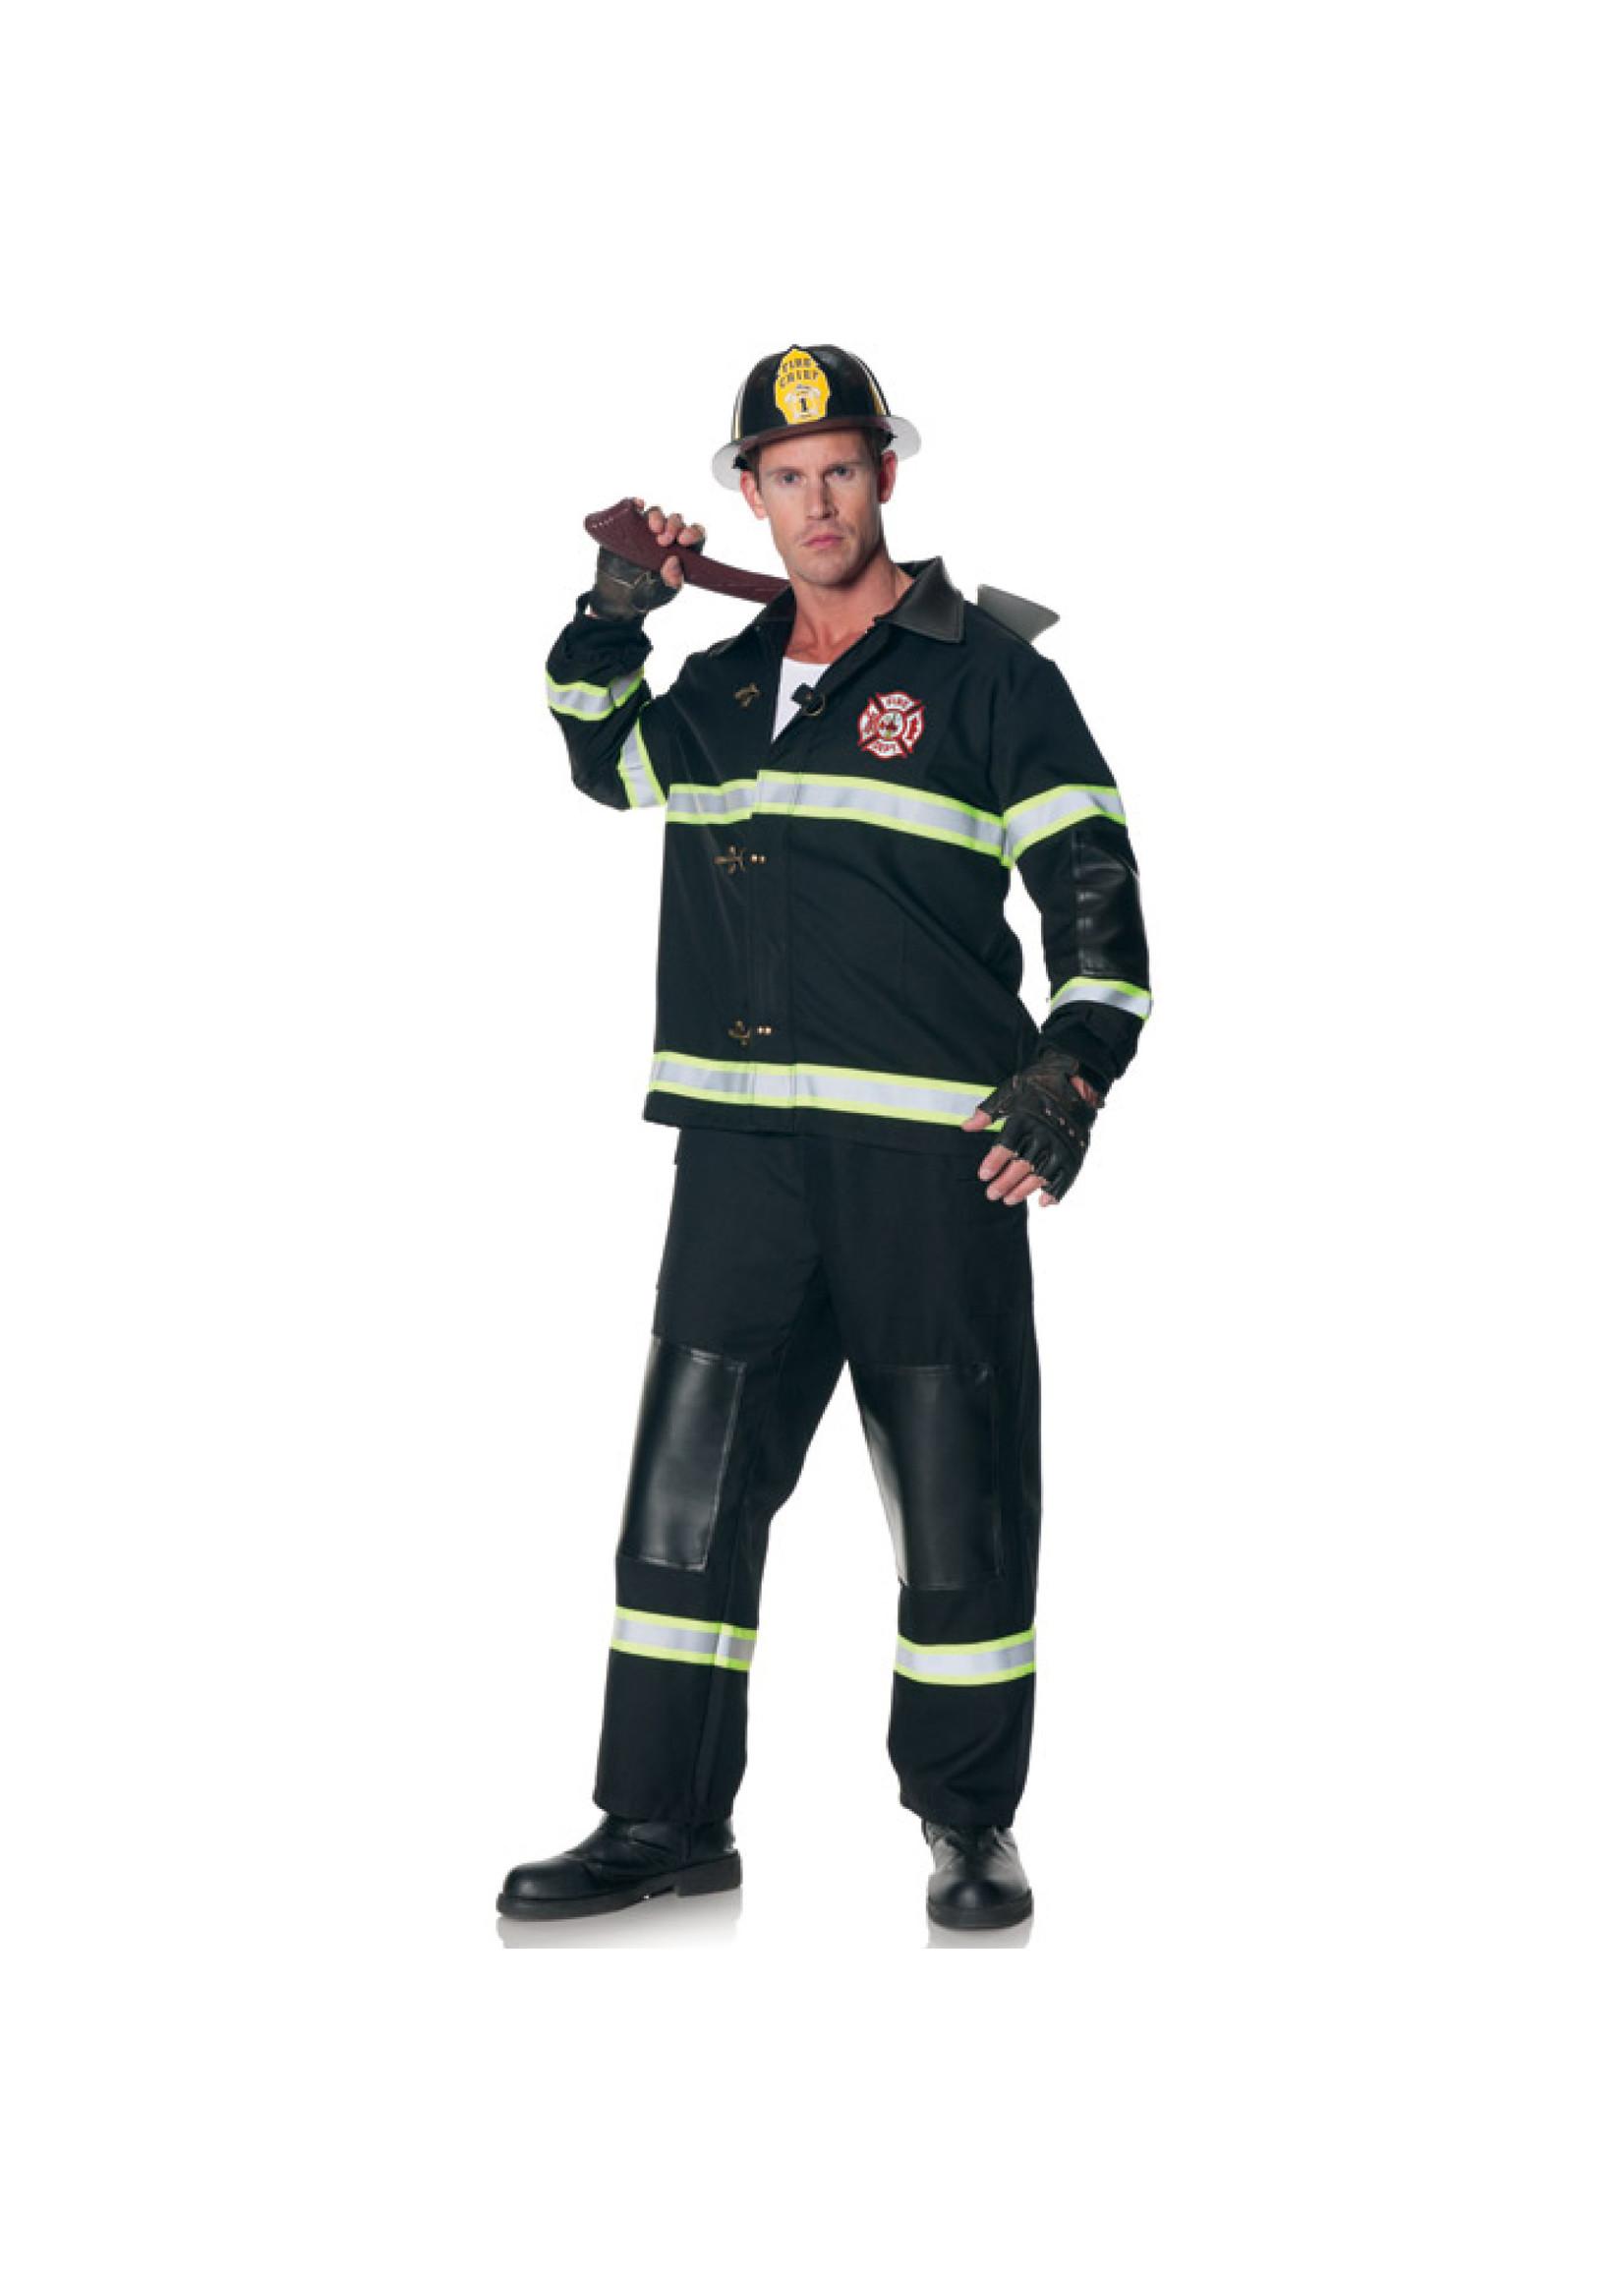 UNDERWRAPS Fireman Outfit - Men's